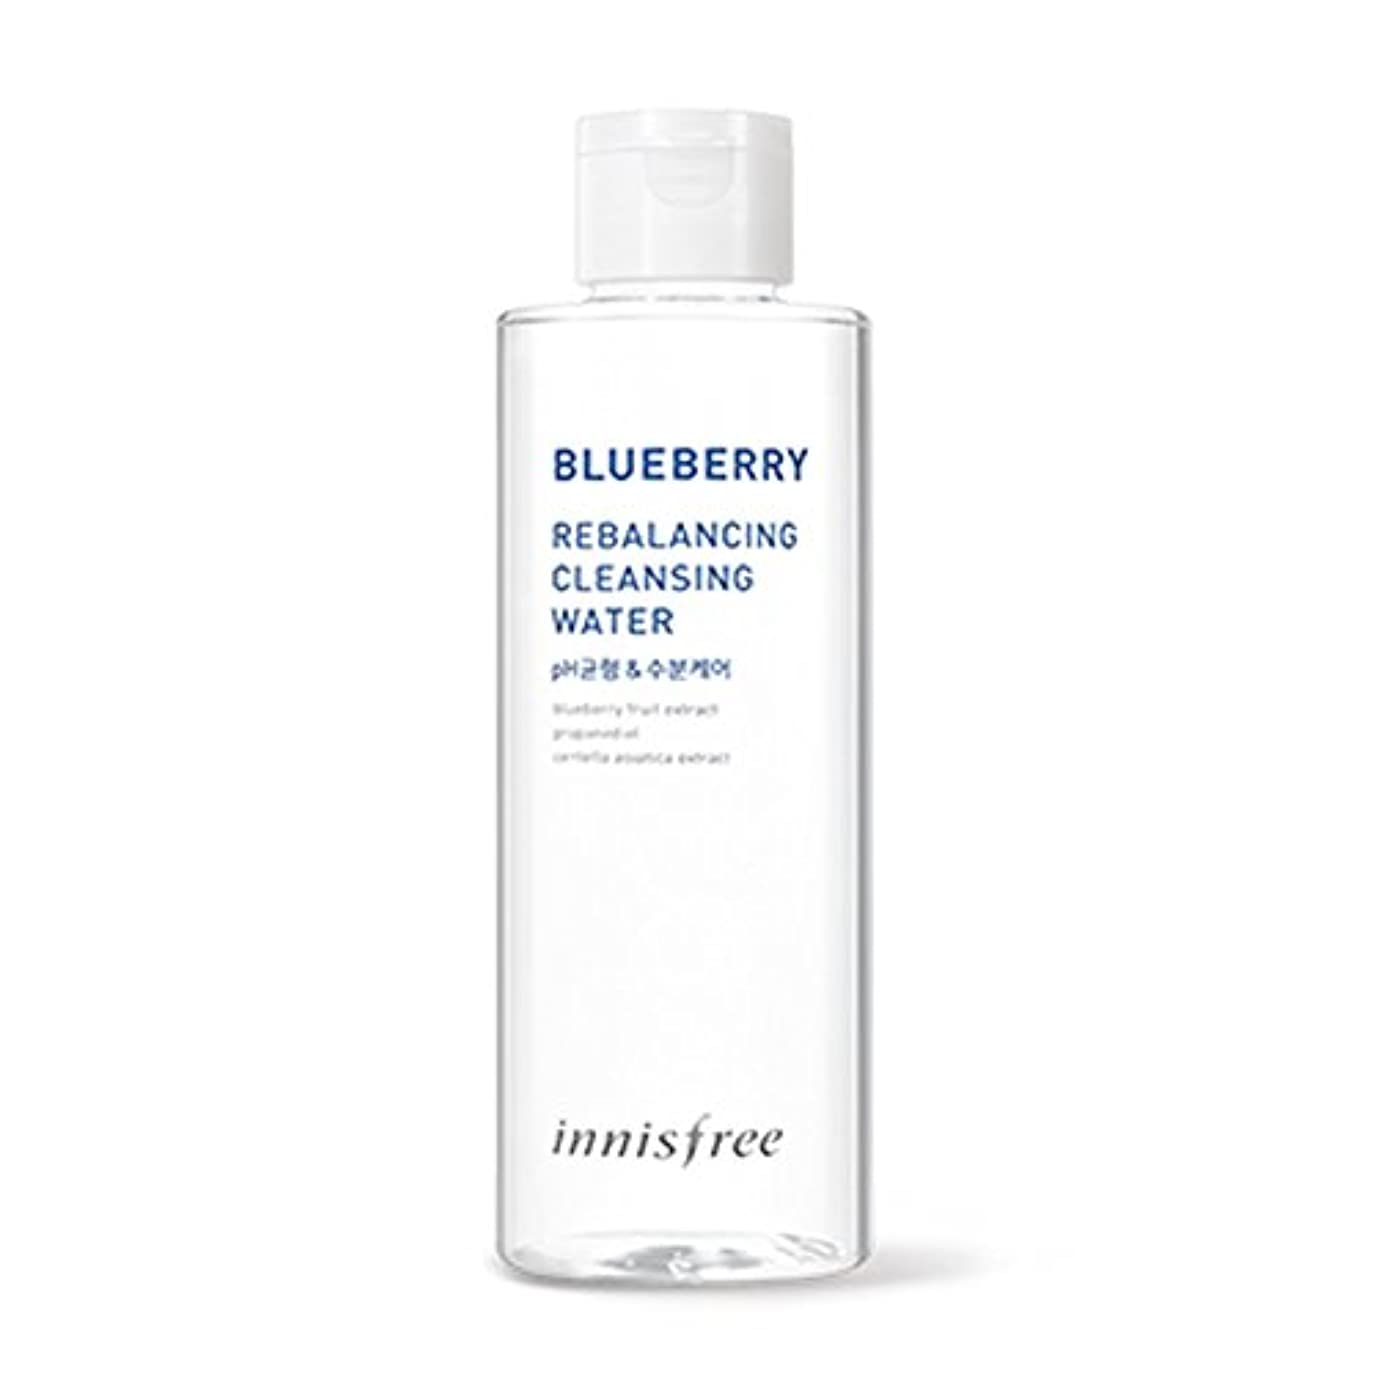 ウェイトレスキャンパス胸イニスフリーブルーベリーリバランシングクレンジングウォーター200ml Innisfree Blueberry Rebalancing Cleansing Water 200ml [海外直送品][並行輸入品]